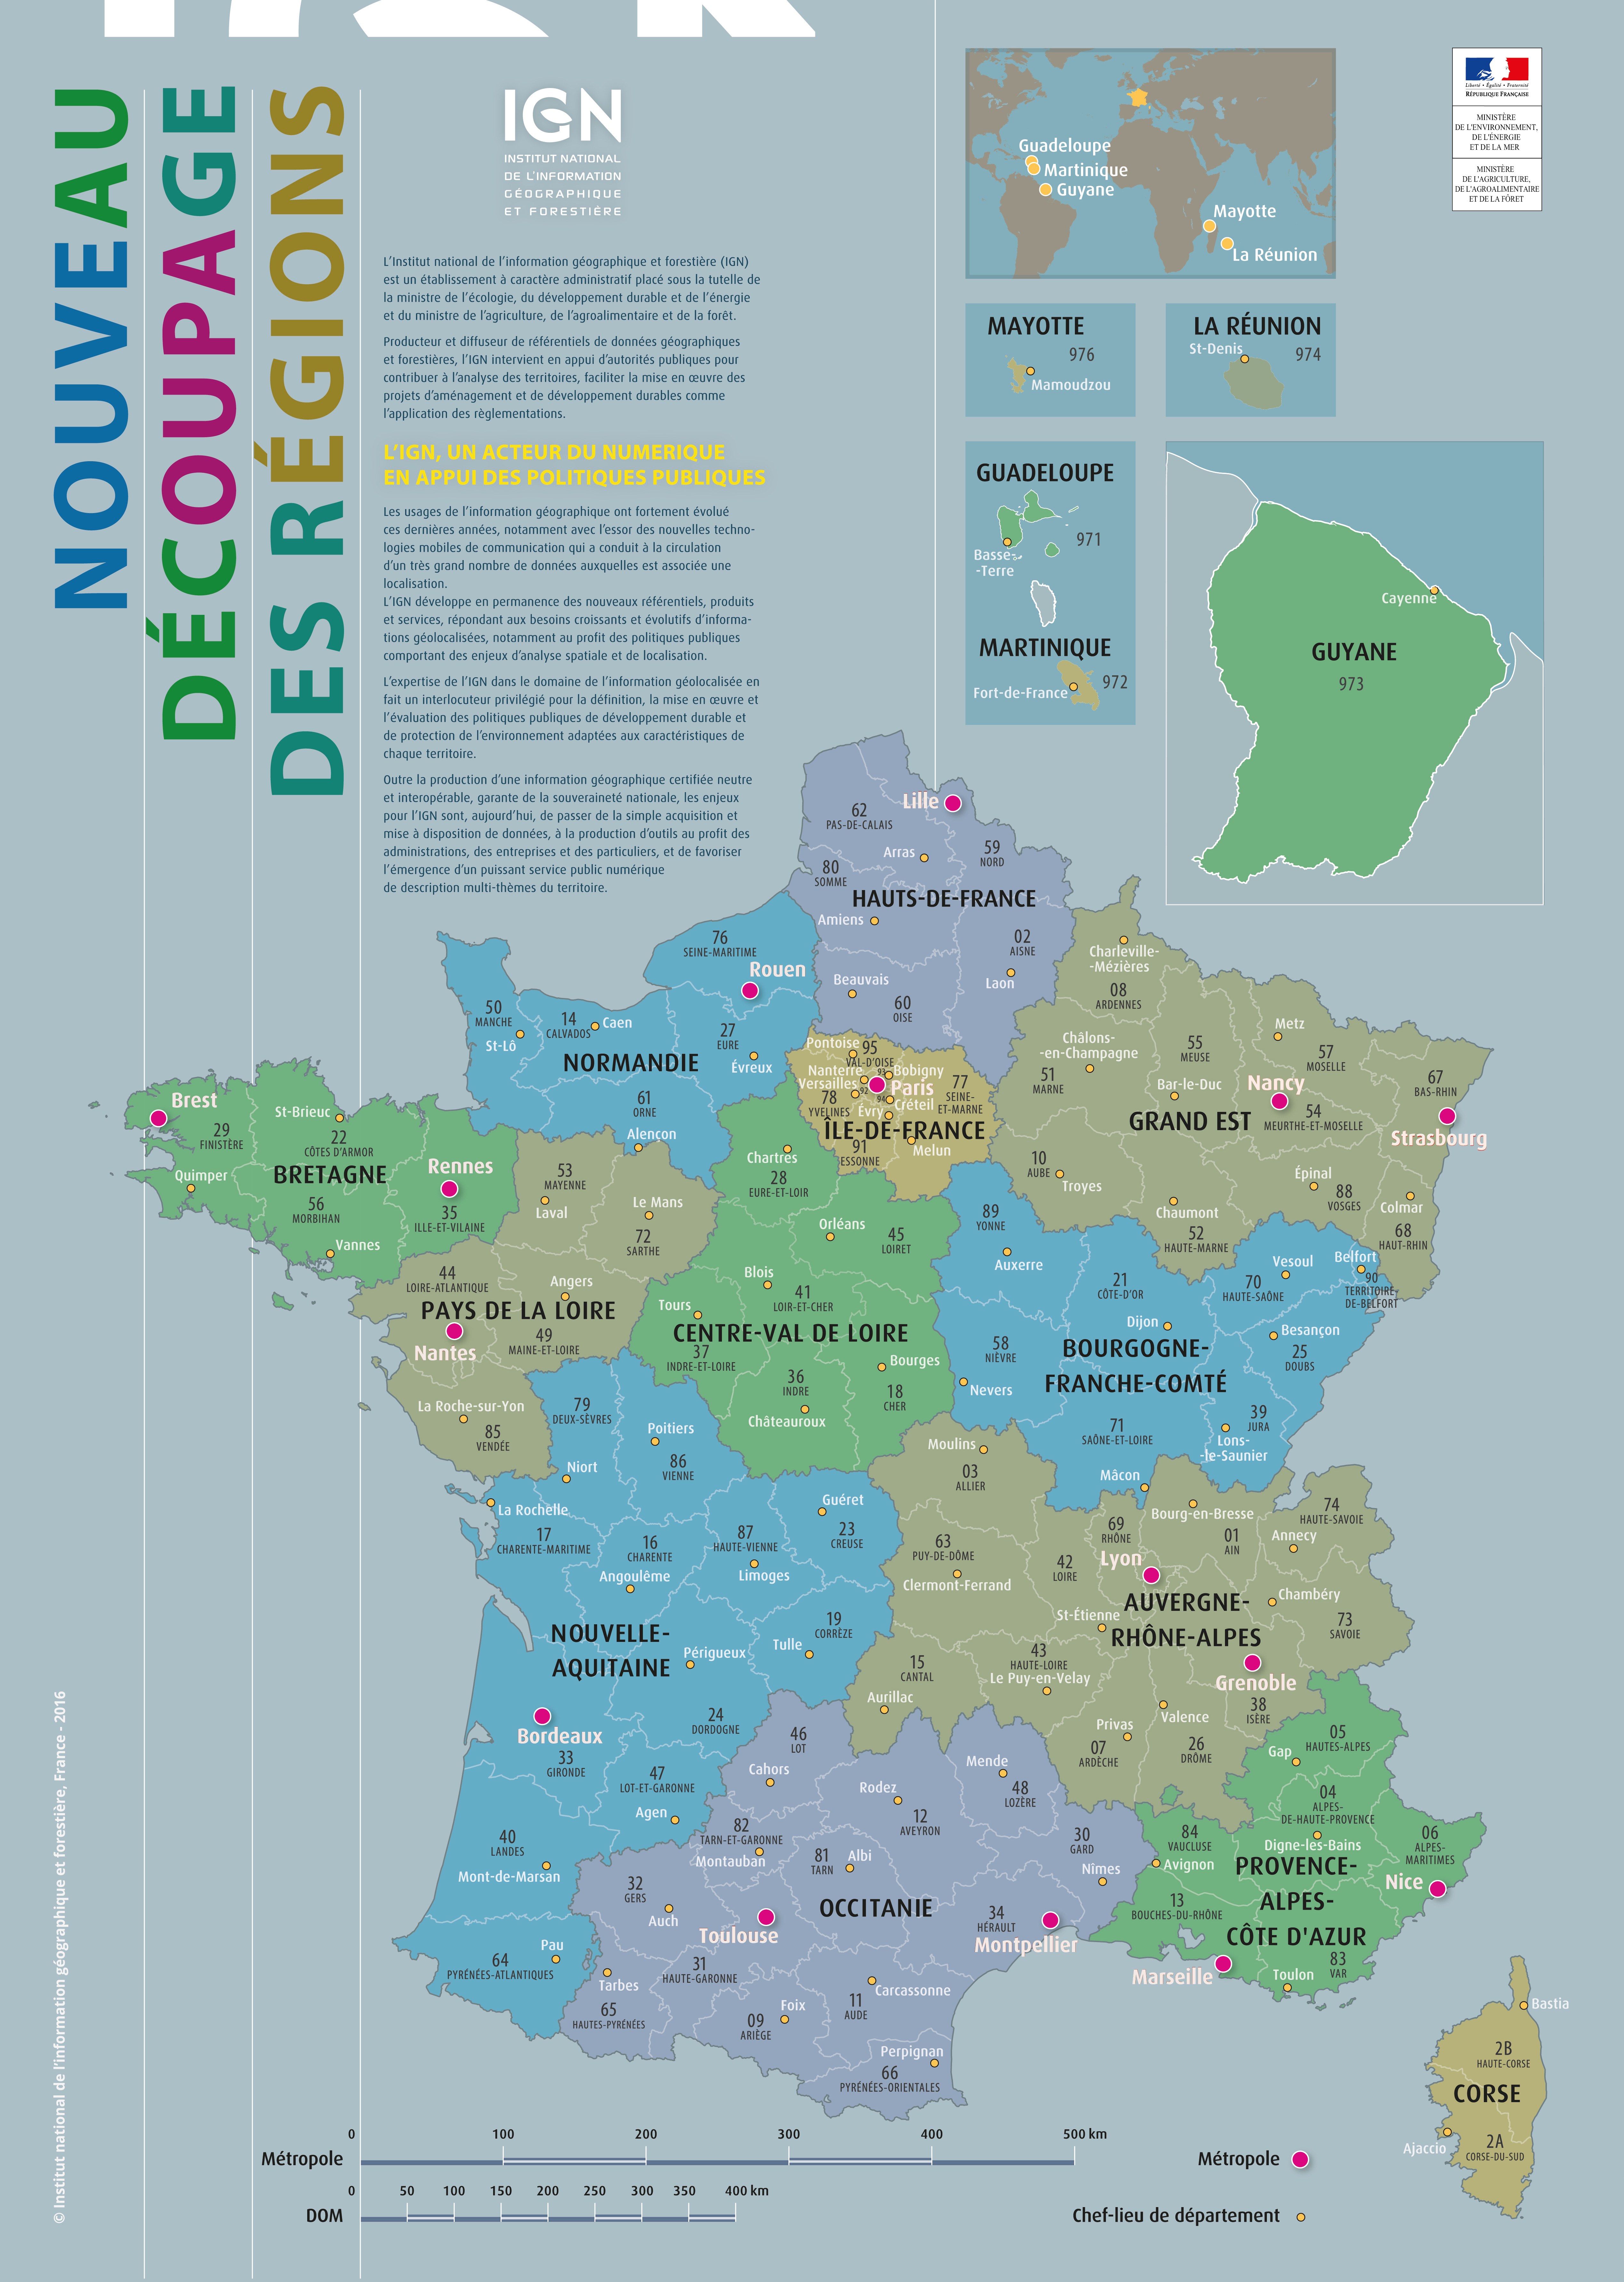 Fonds De Cartes | Éducation destiné Carte De France Pour Les Enfants